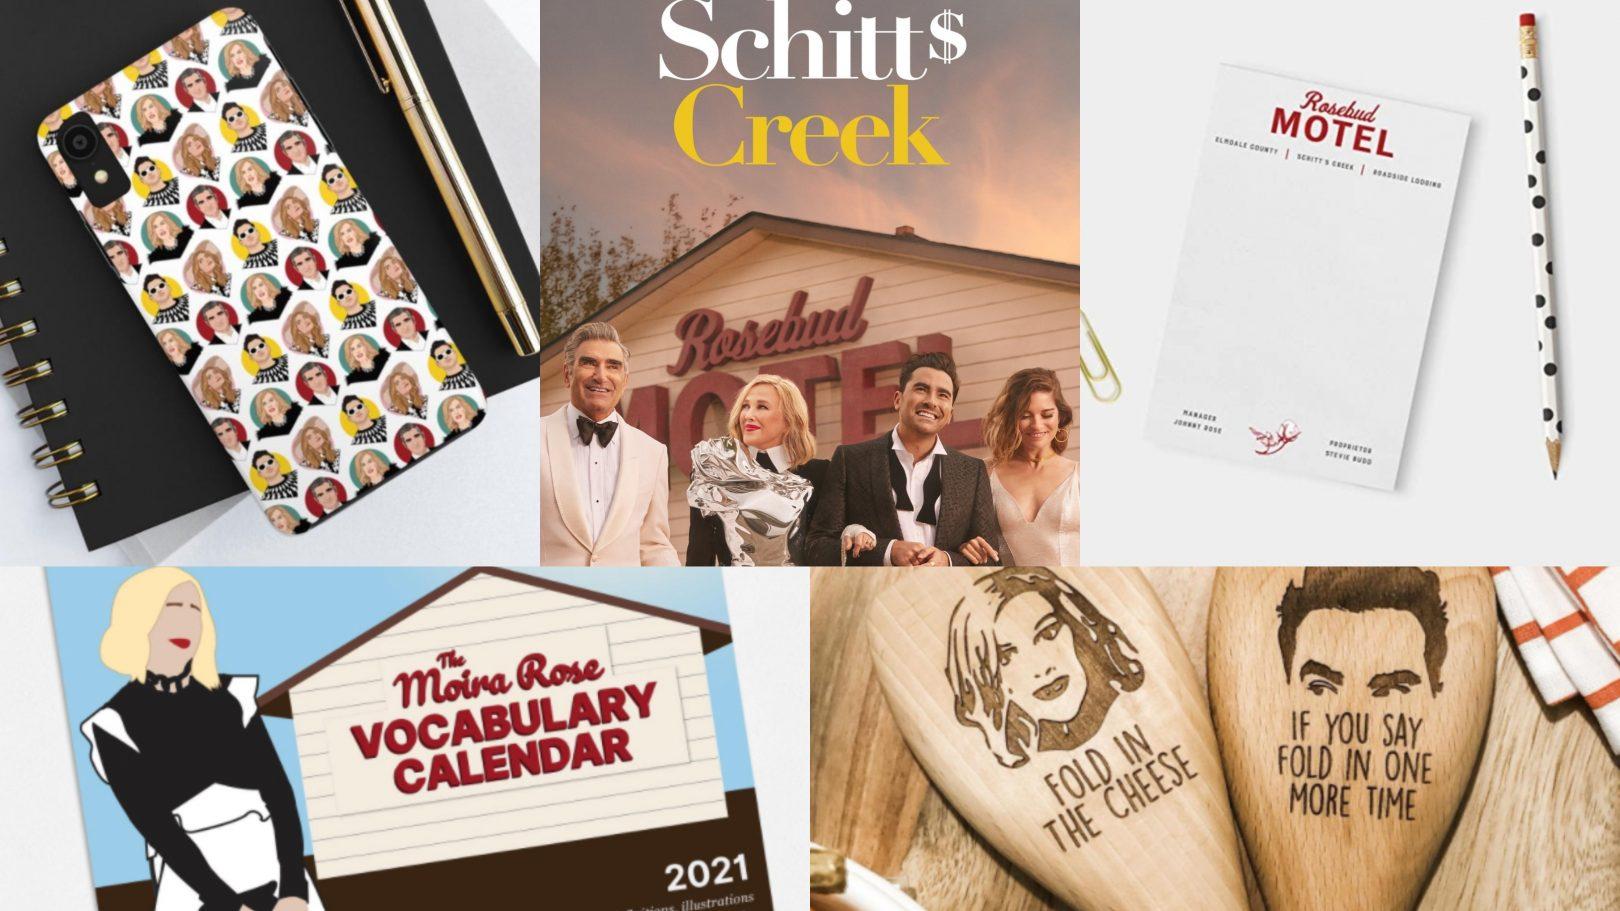 Schitt's Creek Gift Guide